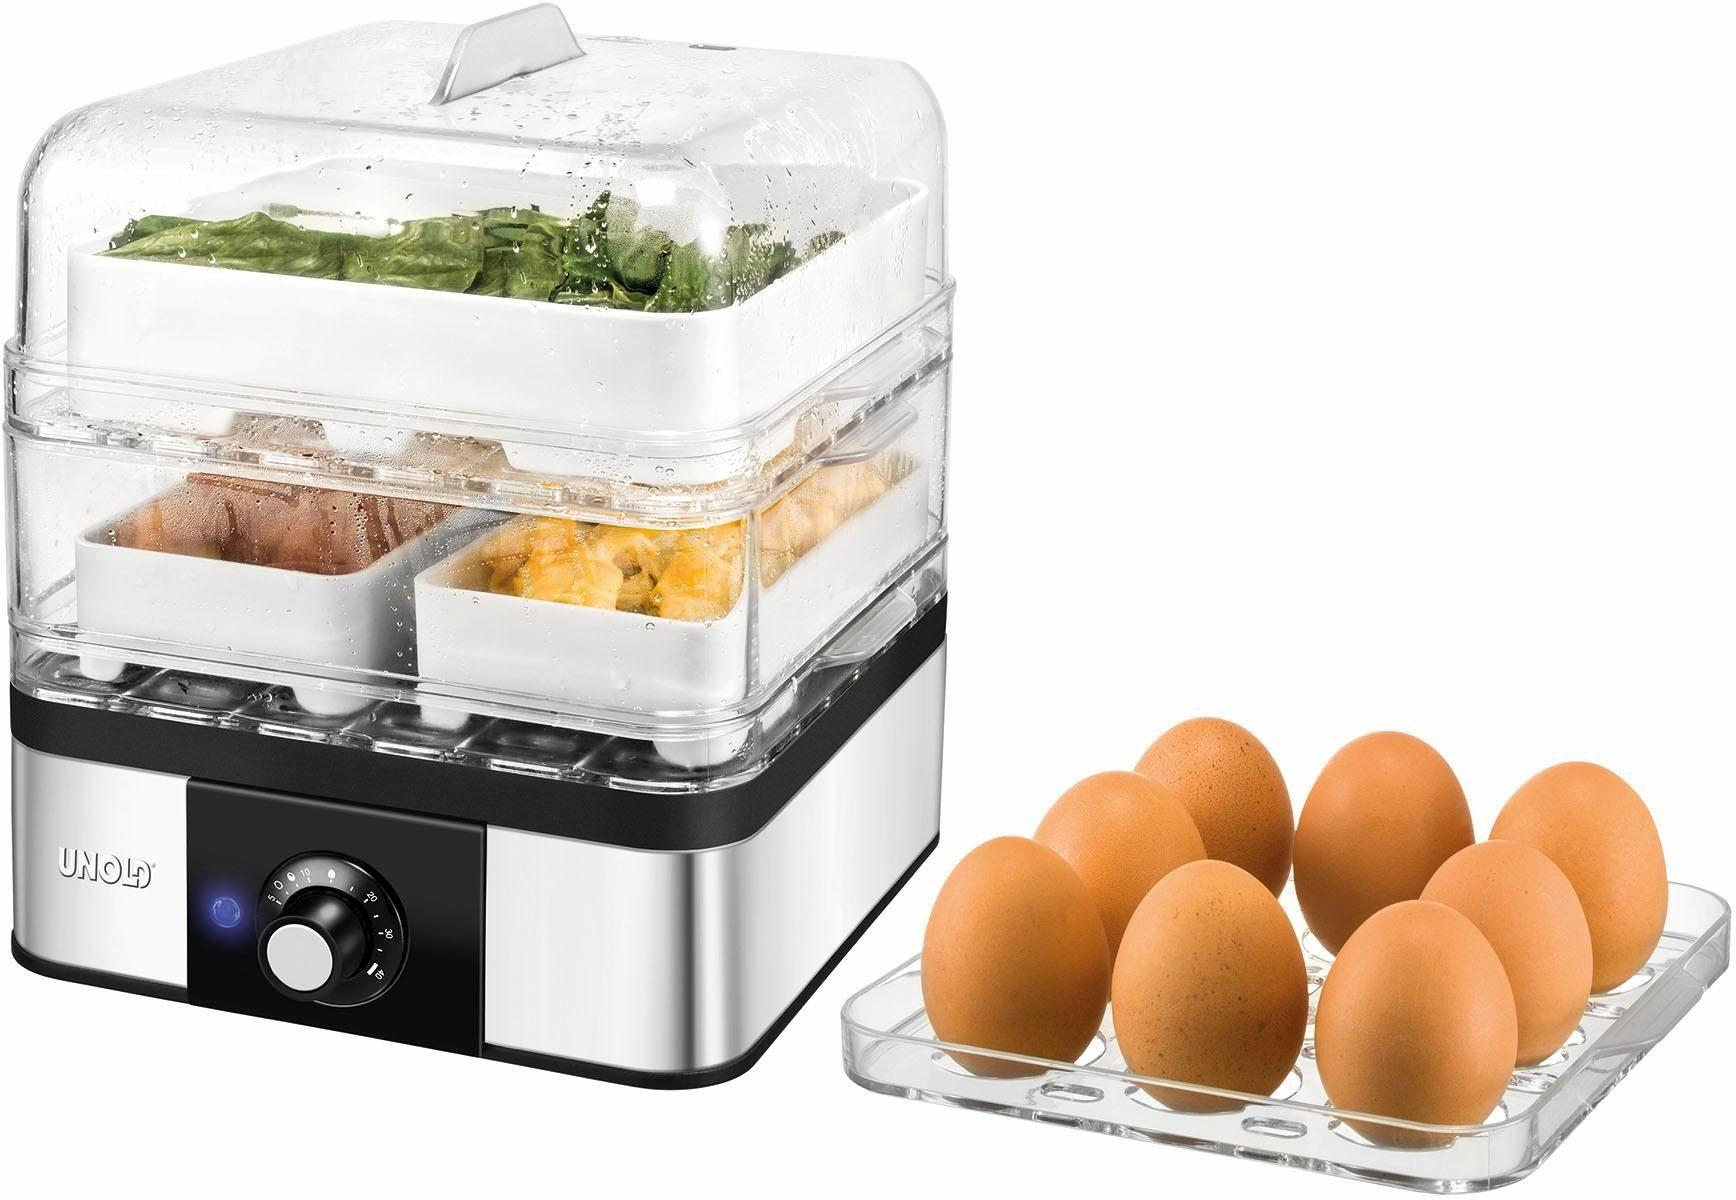 Mini Kühlschrank Unold : Mini kühlschrank liter